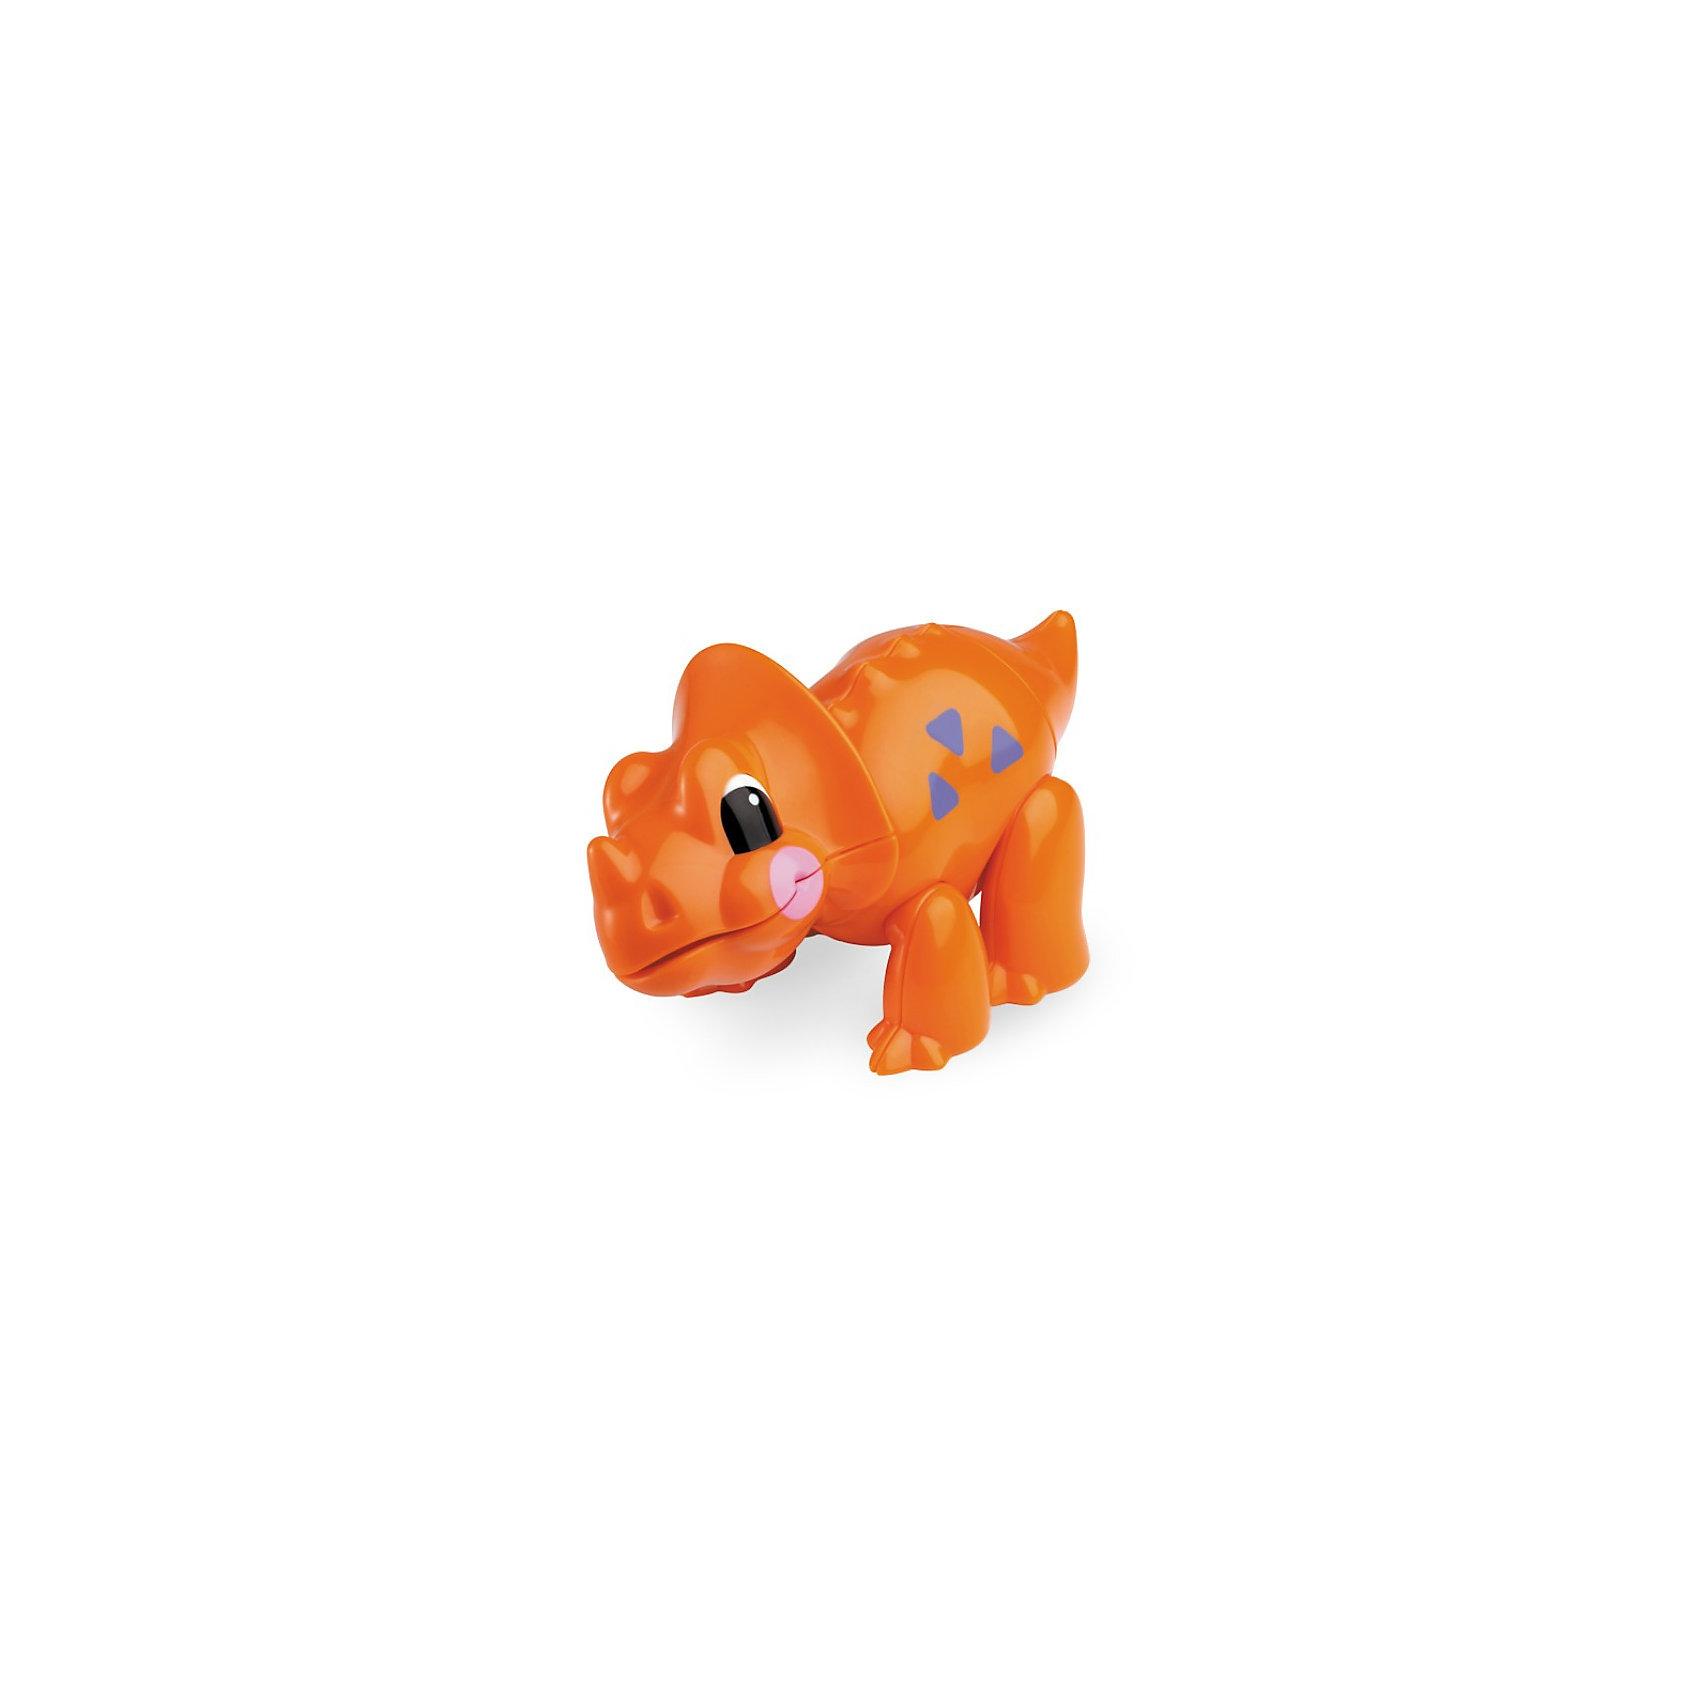 Фигурка Трицератопс, Первые друзья, TOLOФигурка Трицератопс, Первые друзья, TOLO (ТОЛО) – эта яркая красочная игрушка привлечет внимание Вашего малыша и не позволит ему скучать.<br>Фигурка Трицератопс из серии Первые друзья, TOLO (ТОЛО) создаст малышам прекрасное настроение и познакомит их с миром доисторических динозавров. Больше всего трицератопс любит лакомиться доисторическими цветами. С веселым пощелкиванием у фигурки поворачиваются голова, хвост. Подвижные лапы позволяют задавать фигурке различные положения. Игрушка способствует развитию координации движений, моторики, распознаванию цветов и звуков, помогает формировать первые навыки сюжетно-ролевой игры. Игрушки Толо производятся из пластика самого высокого качества и гипоаллергенных красителей. Они абсолютно безопасны для малышей, не бьются, не ломаются, крепкие и прочные.<br><br>Дополнительная информация:<br><br>- Размер: 12 х 5 х 7,5 см.<br>- Материал: высококачественный пластик<br><br>Фигурка Трицератопс, Первые друзья, TOLO (ТОЛО) - обязательно понравится Вашему малышу.<br><br>Фигурку Трицератопс, Первые друзья, TOLO (ТОЛО) можно купить в нашем интернет-магазине.<br><br>Ширина мм: 120<br>Глубина мм: 50<br>Высота мм: 80<br>Вес г: 72<br>Возраст от месяцев: 12<br>Возраст до месяцев: 60<br>Пол: Унисекс<br>Возраст: Детский<br>SKU: 3689004